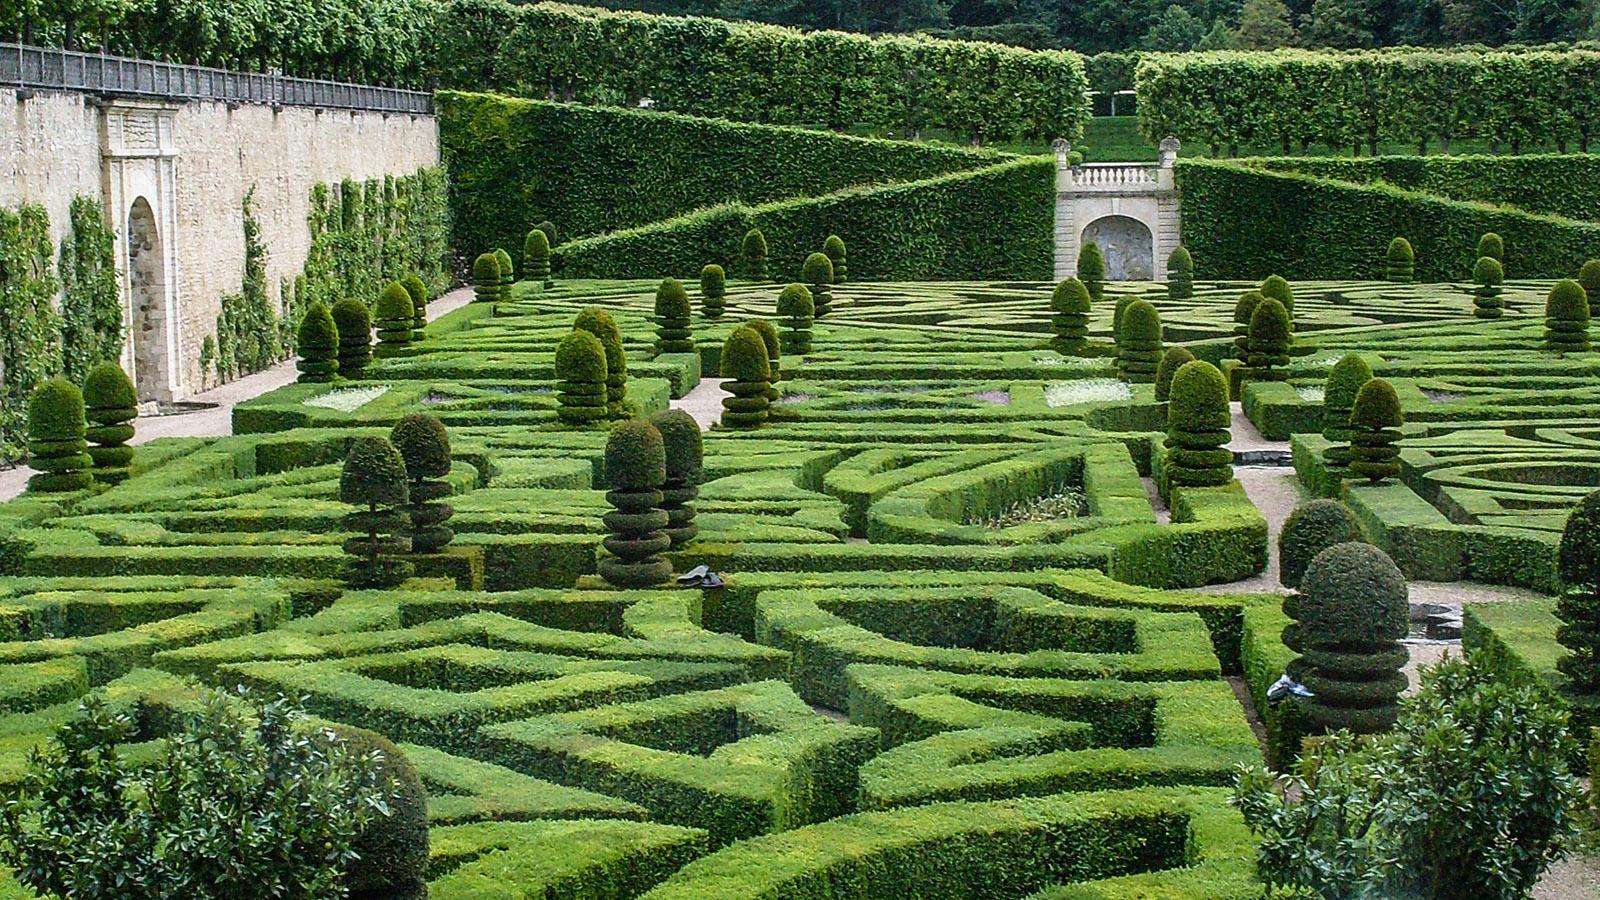 Château de Villandry: Die Buchsbaumhecken des ornamentalen Ziergartens. Foto: Hilke Maunder